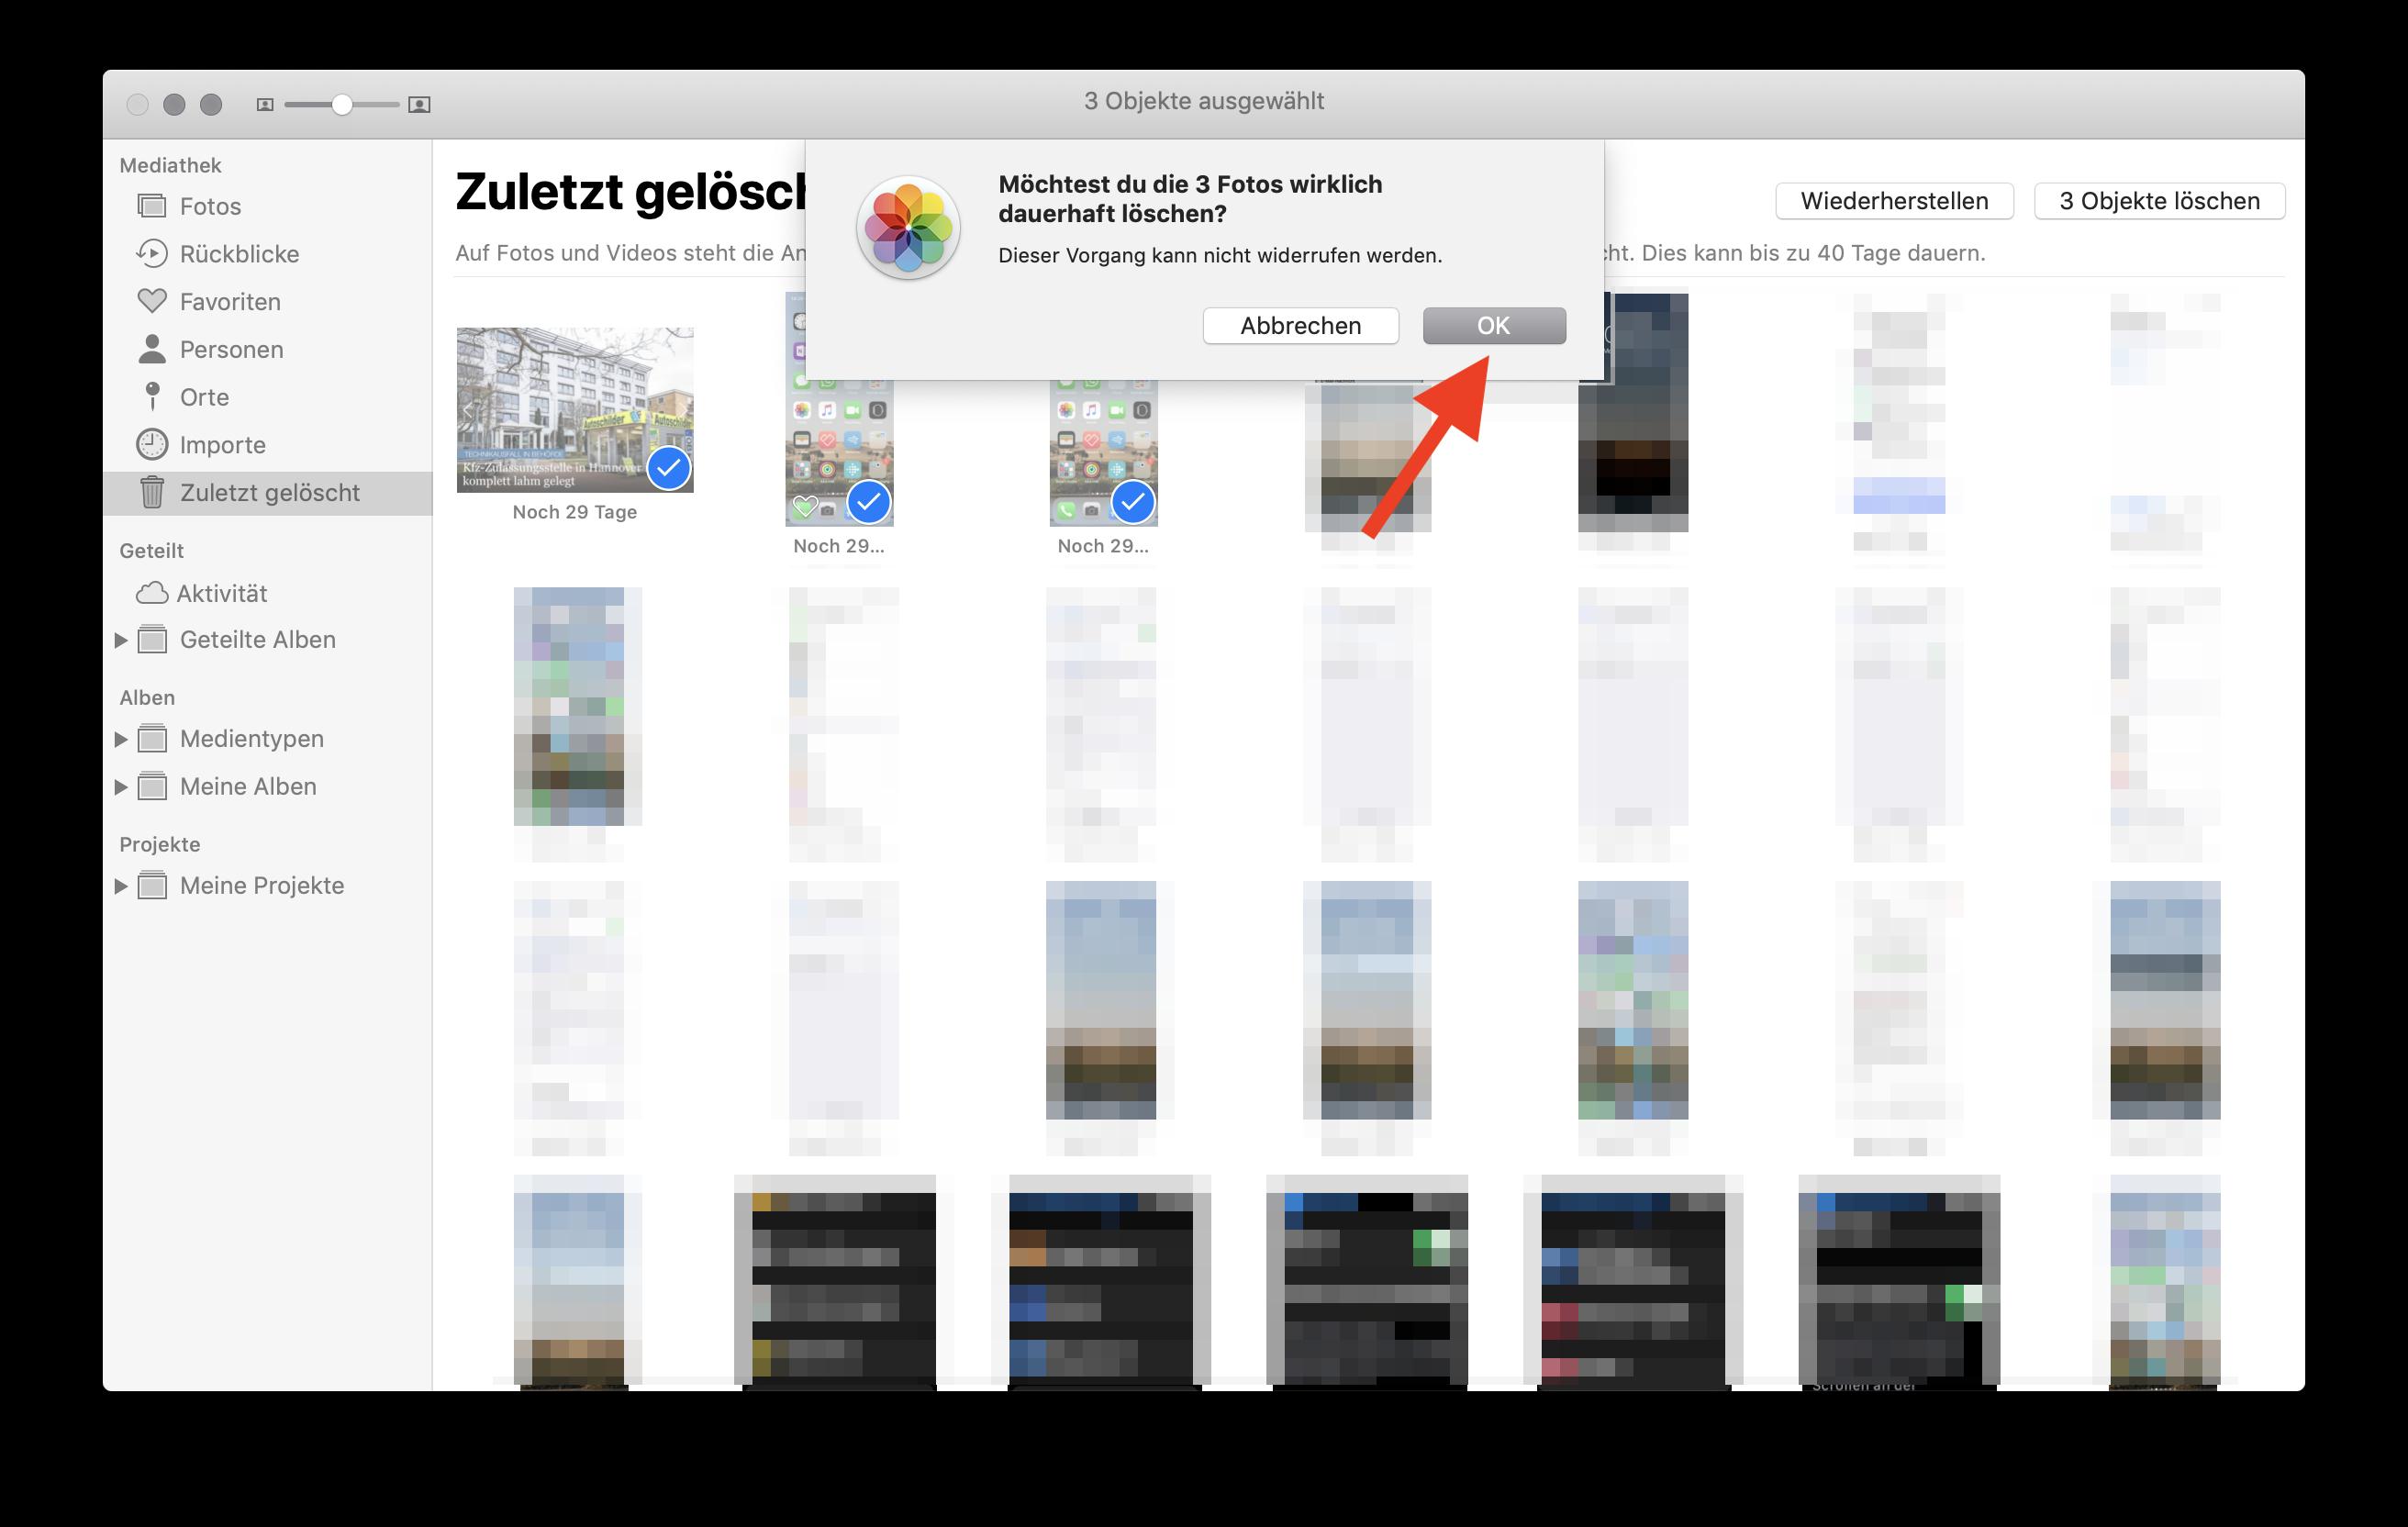 Fotos sofort und endgültig aus der iCloud (Fotostream) löschen Fotos endgültig löschen